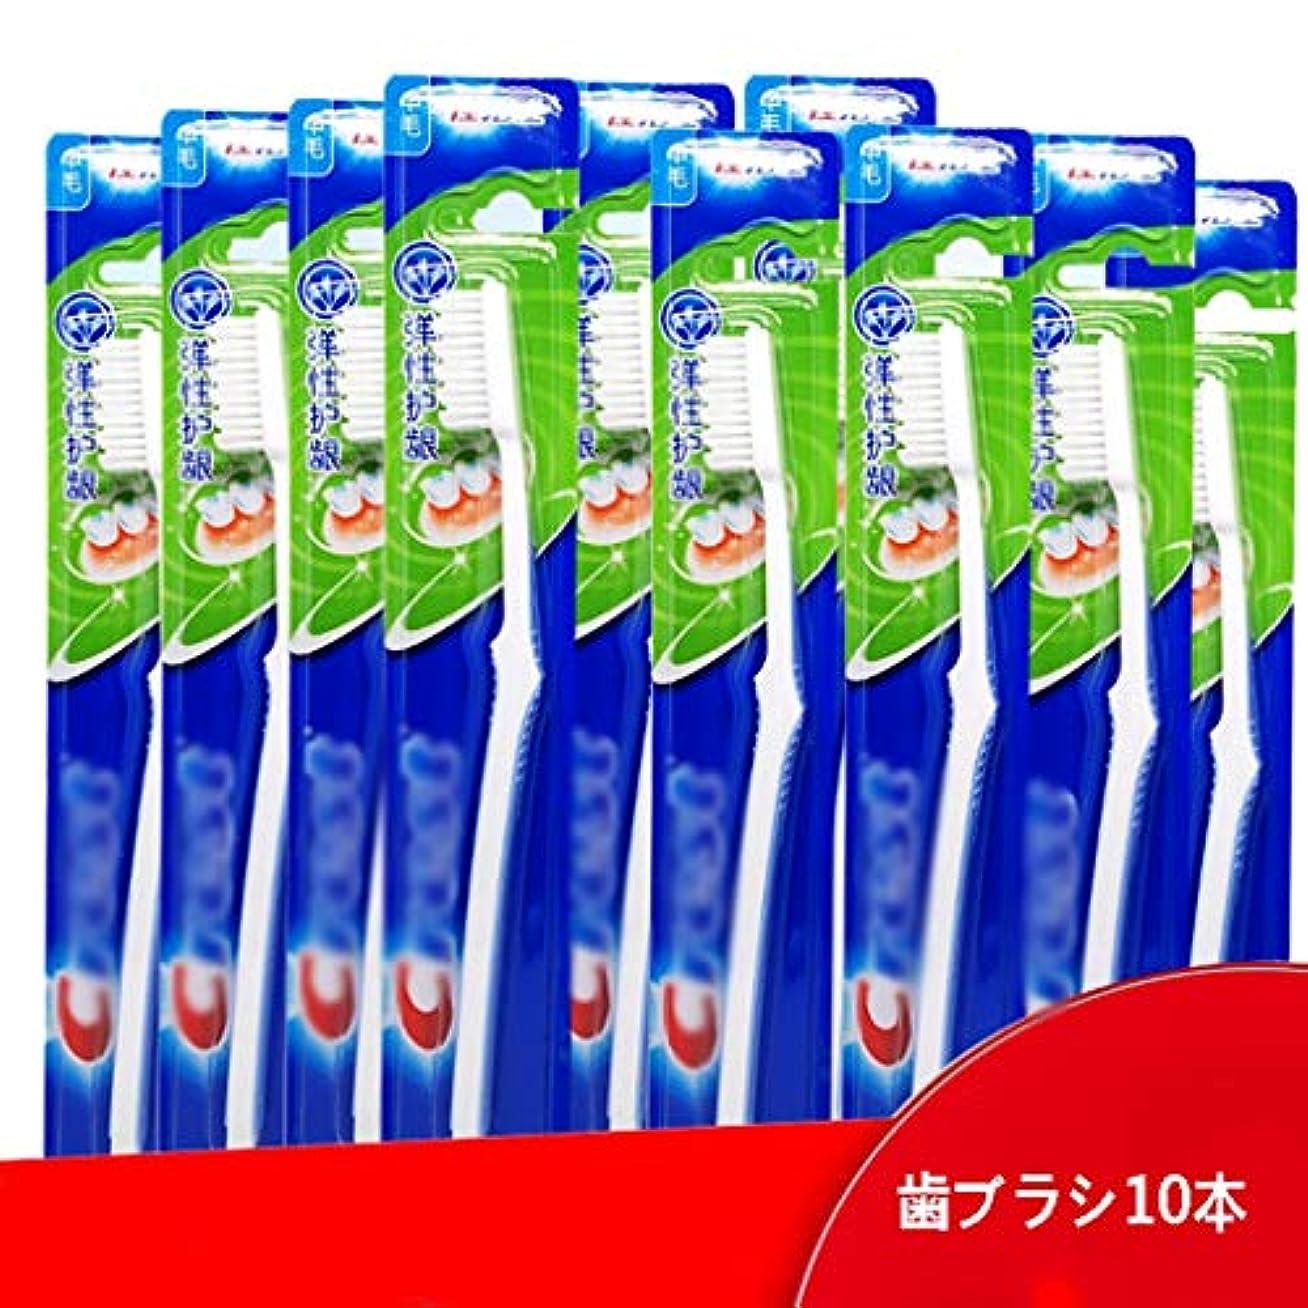 現れる倉庫に対処する大人歯ブラシ、弾性足首歯ブラシ、10パック(ランダムカラー)